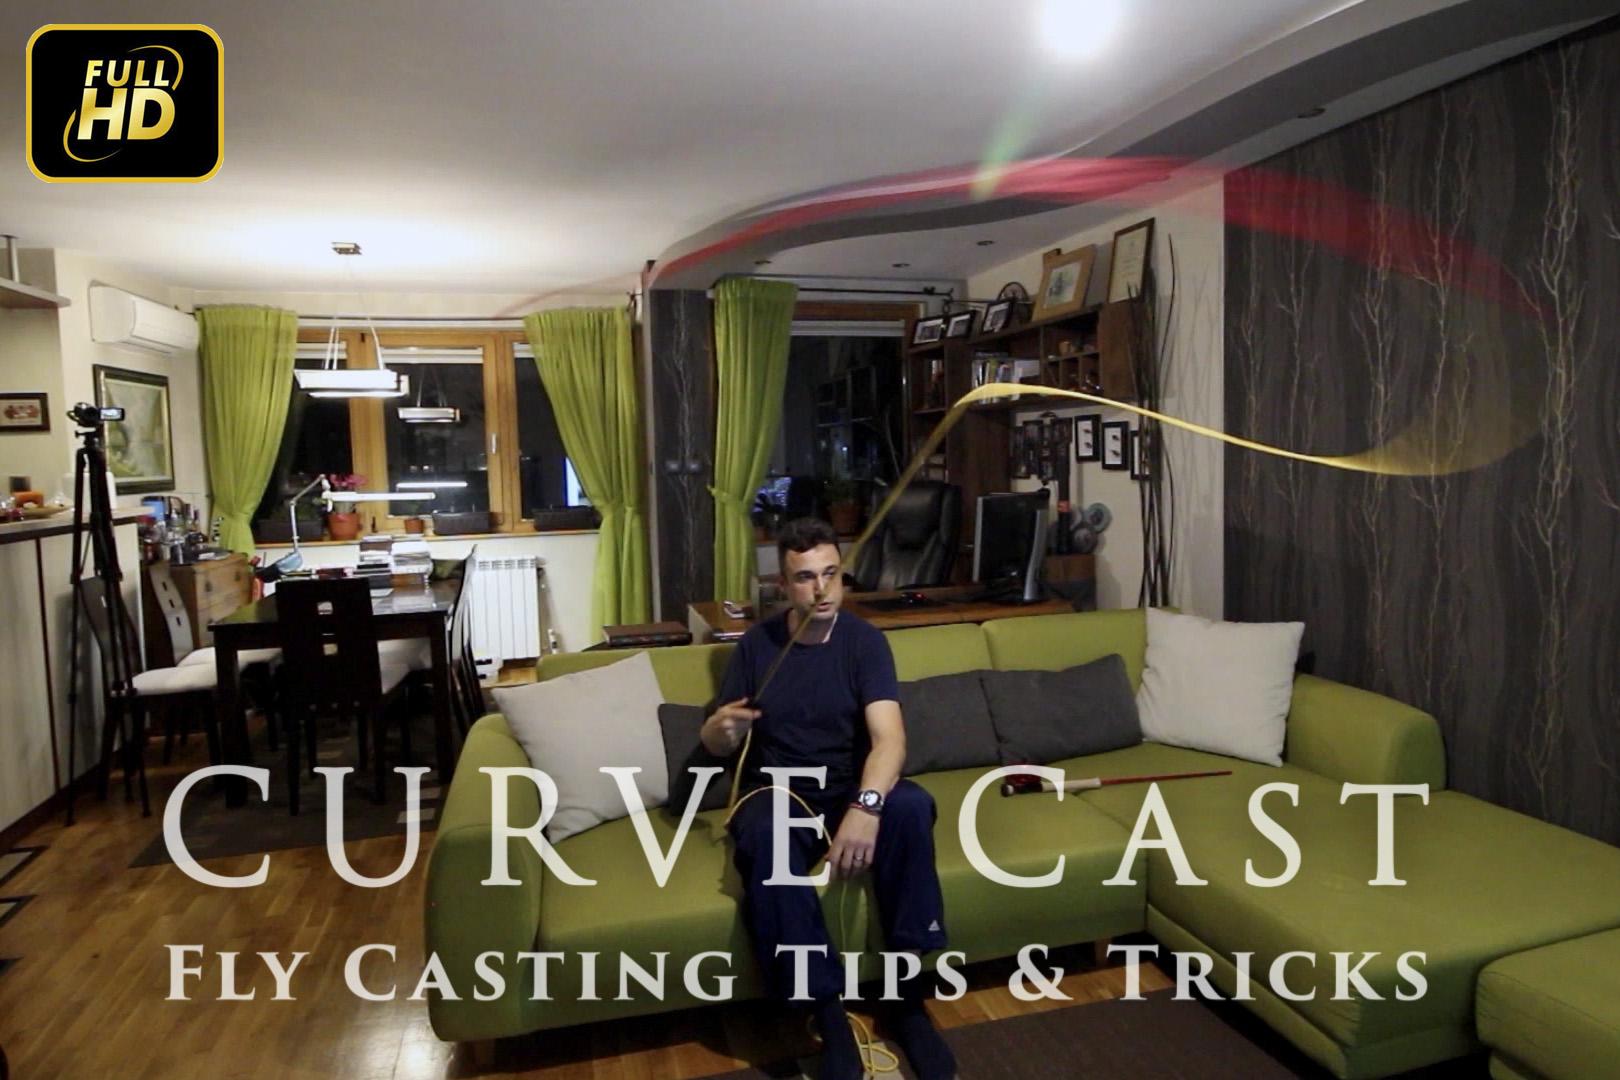 Curve cast